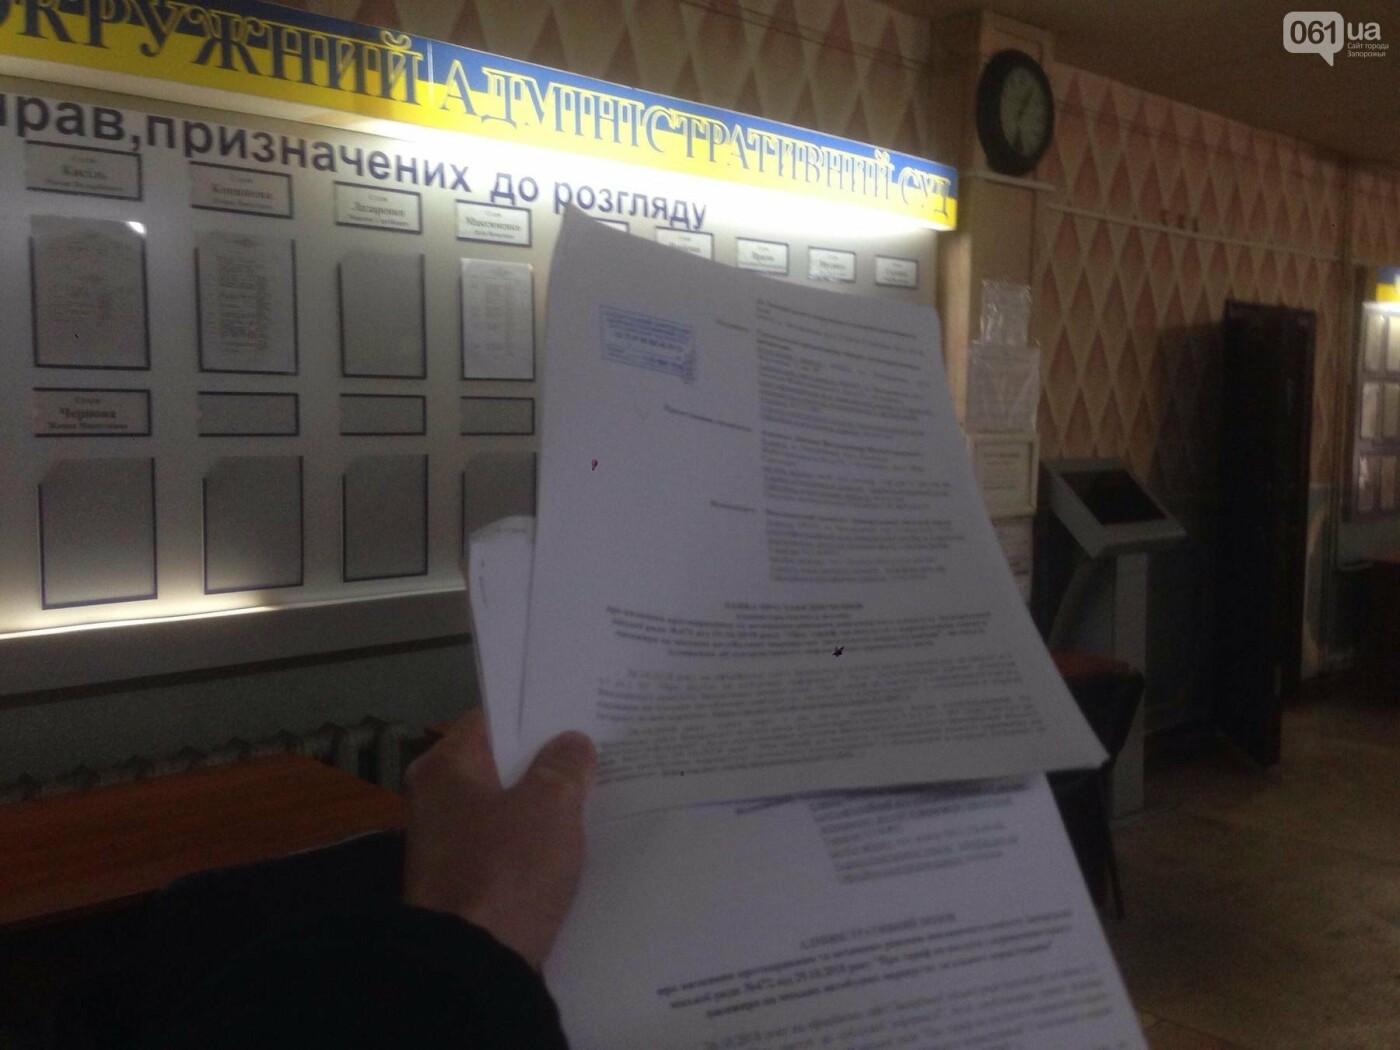 В Запорожье состоится суд против повышения тарифов на проезд в общественном транспорте, фото-1